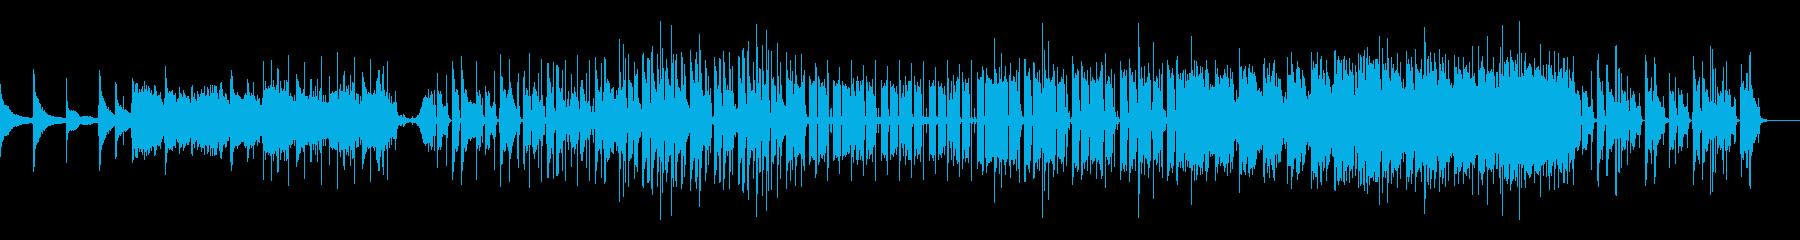 アコギが映える爽やかなpopsの再生済みの波形